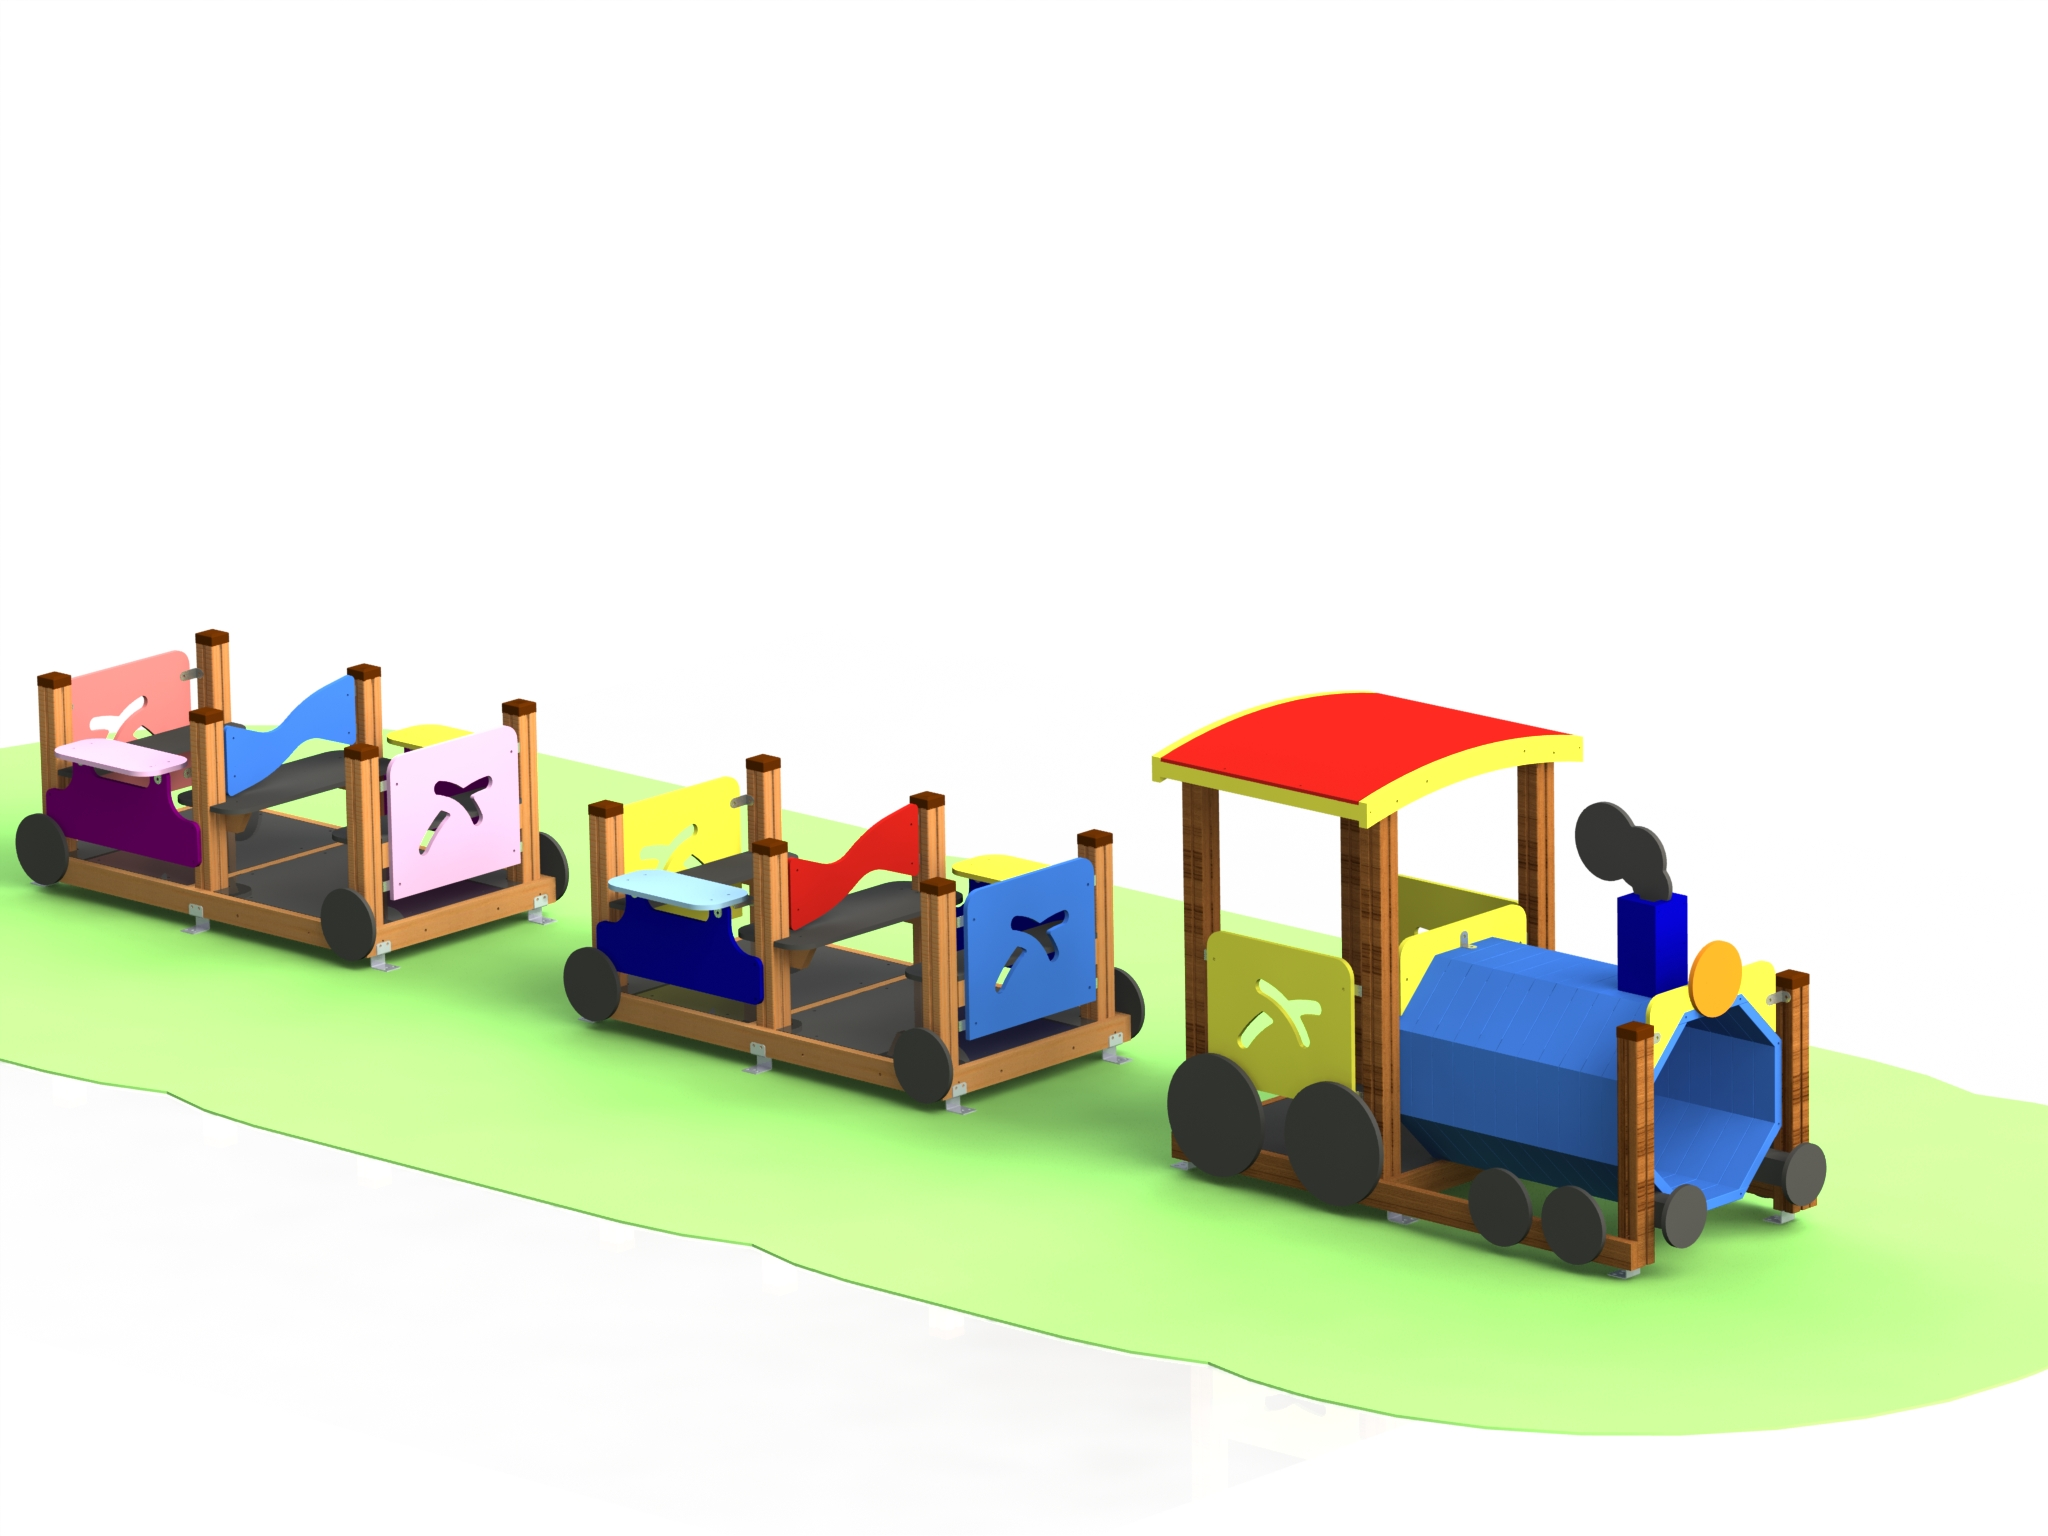 """Снимка на продукта: Комбинирано детско съоръжение, модел КД65 – """"Влакче с два вагона"""""""